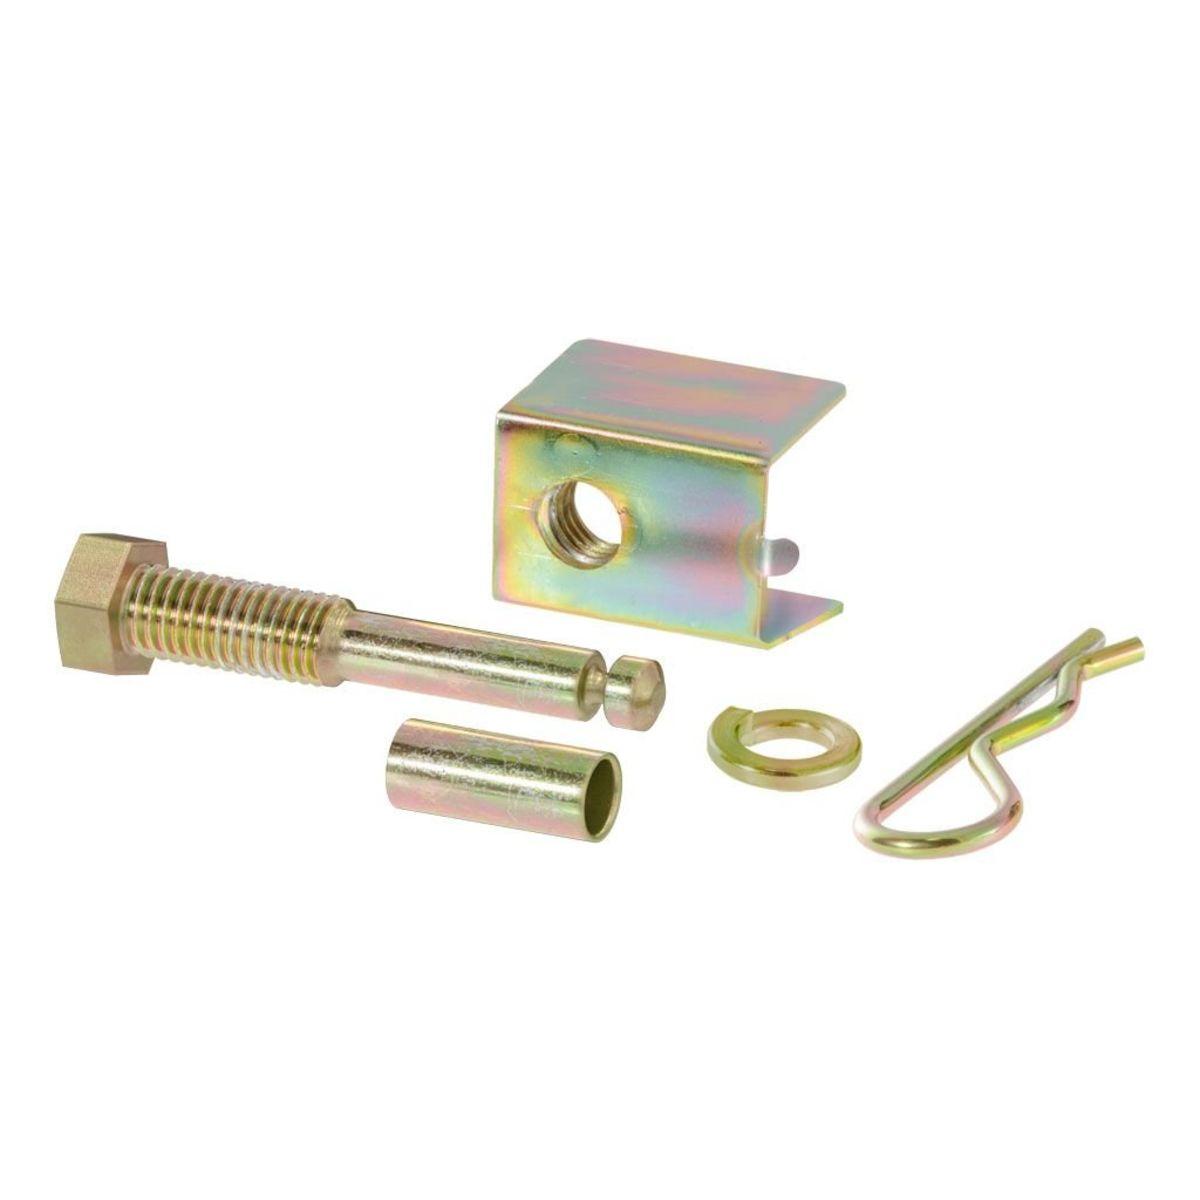 CURT Anti-Rattle Hitch Pin & Shim